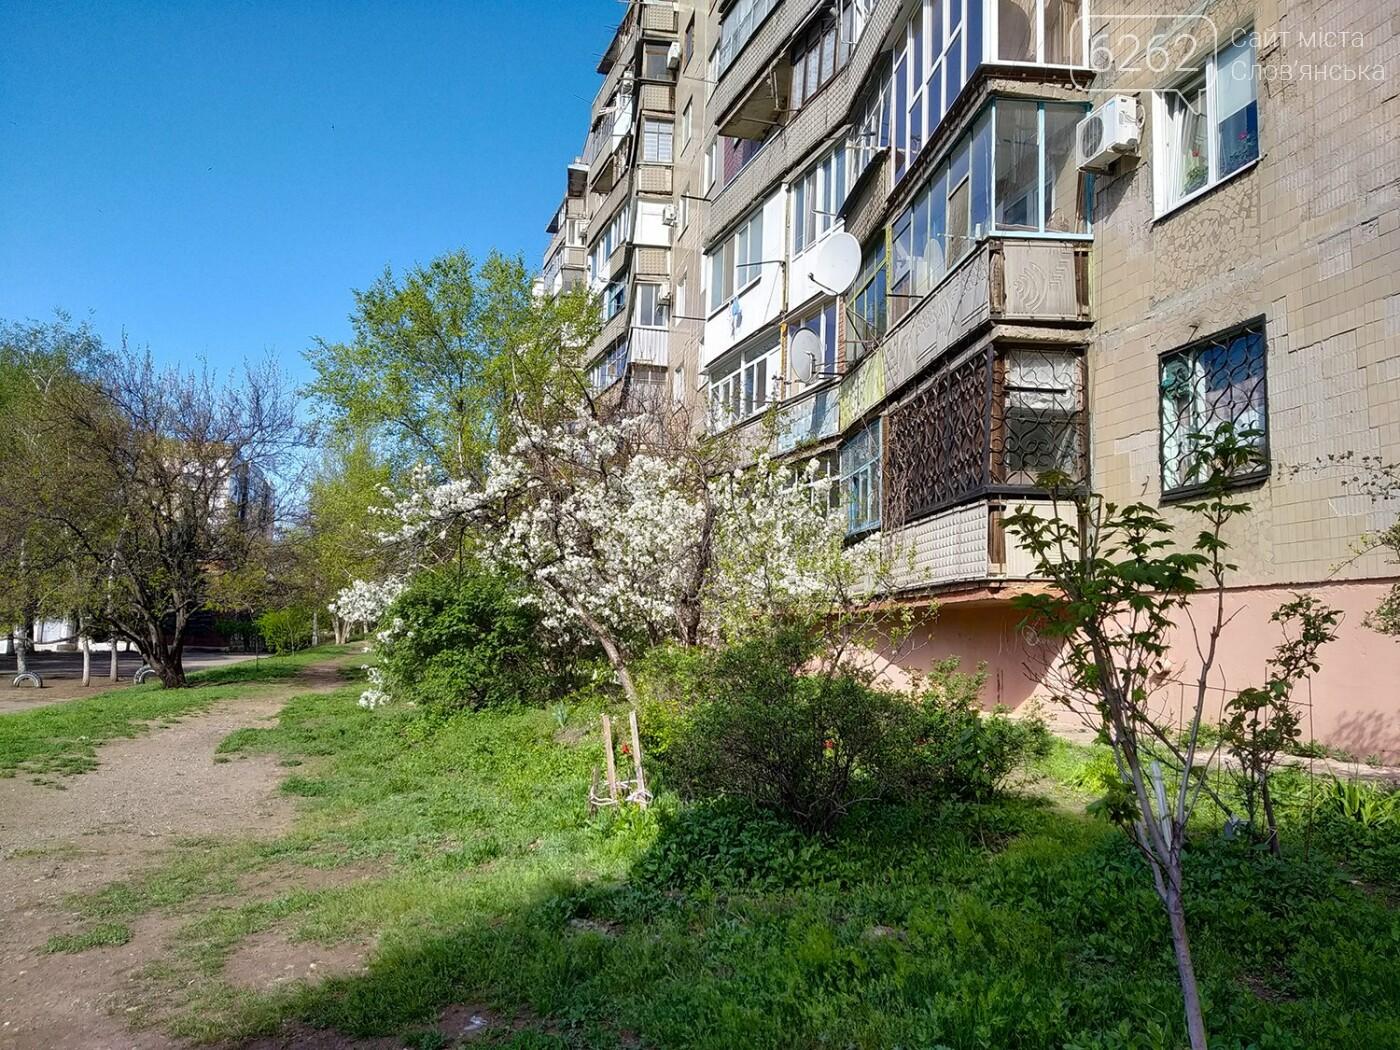 Весна дихає в обличчя: фотопрогулянка мікрорайоном Лісний у Слов'янську, фото-15